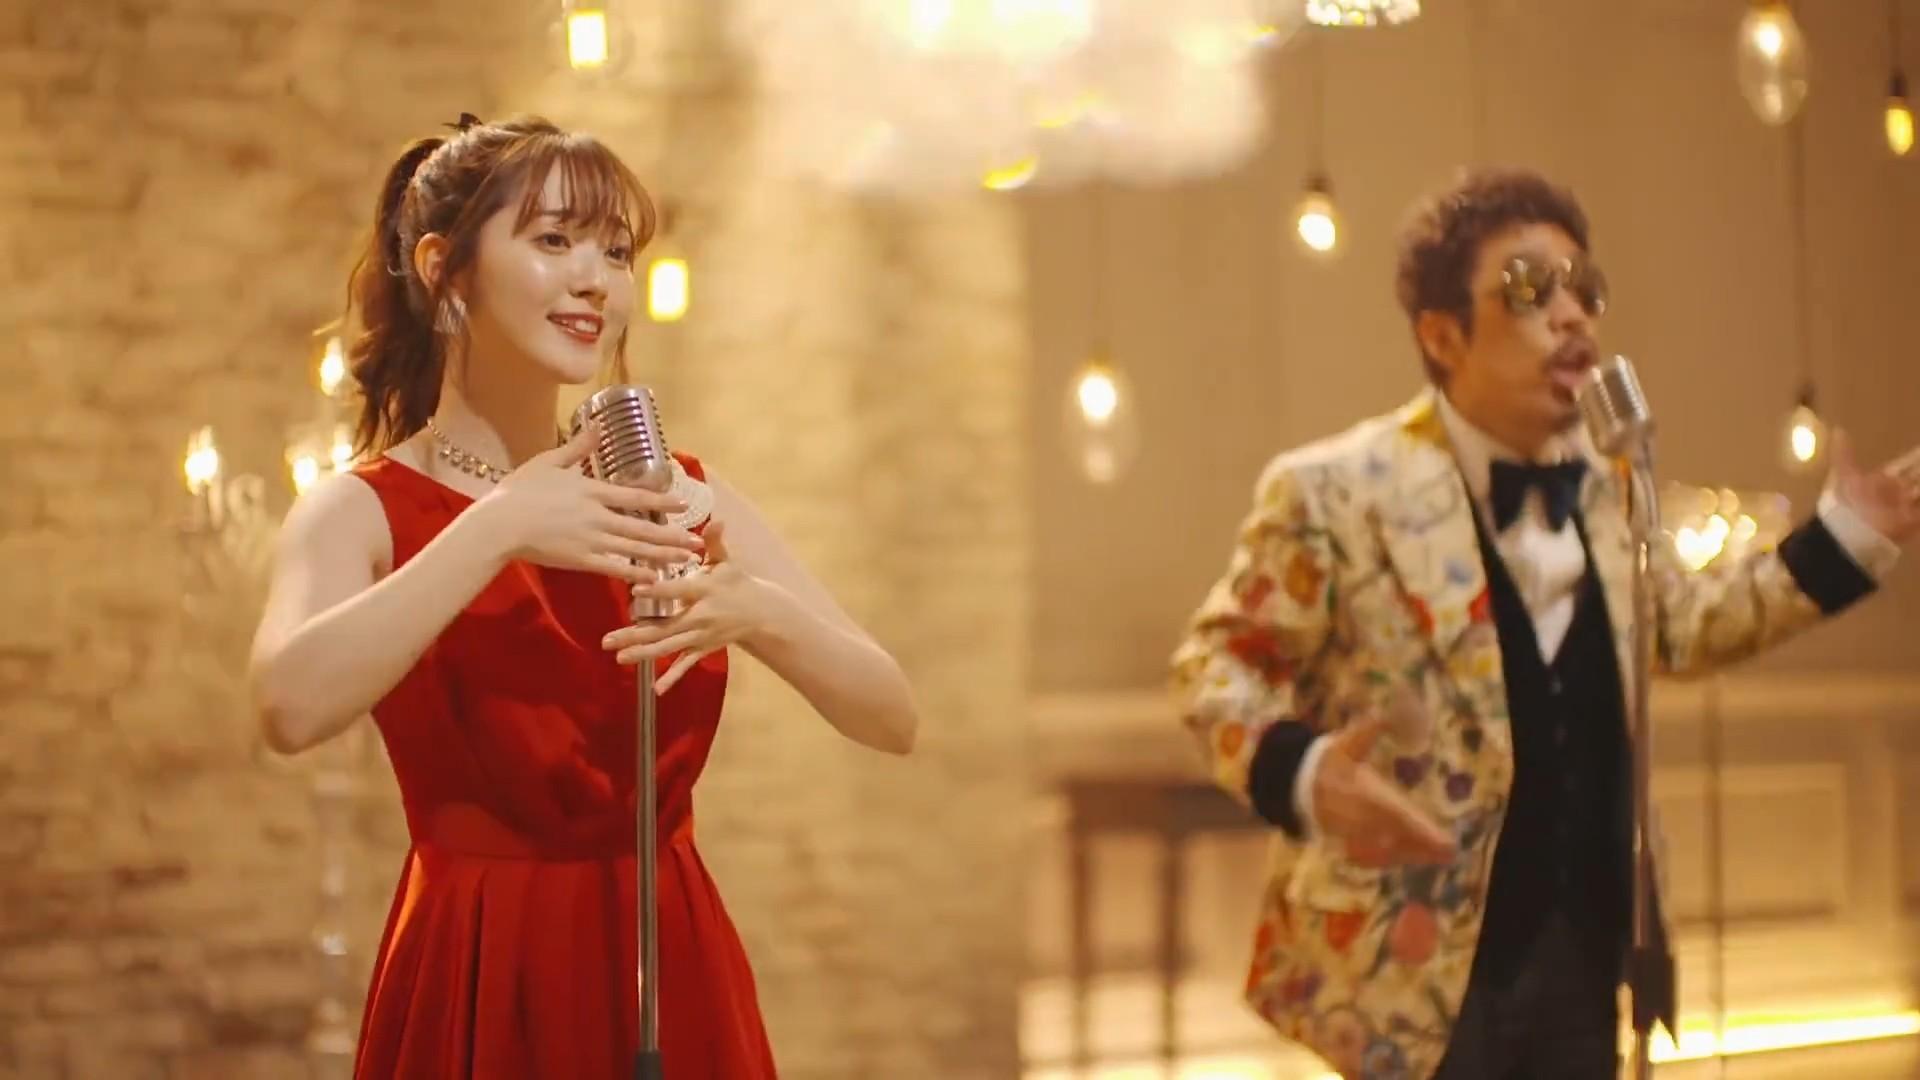 小姐姐真可爱!TV动画《辉夜大小姐想让我告白》第二季片头曲MV公开- m.chinavegors.com